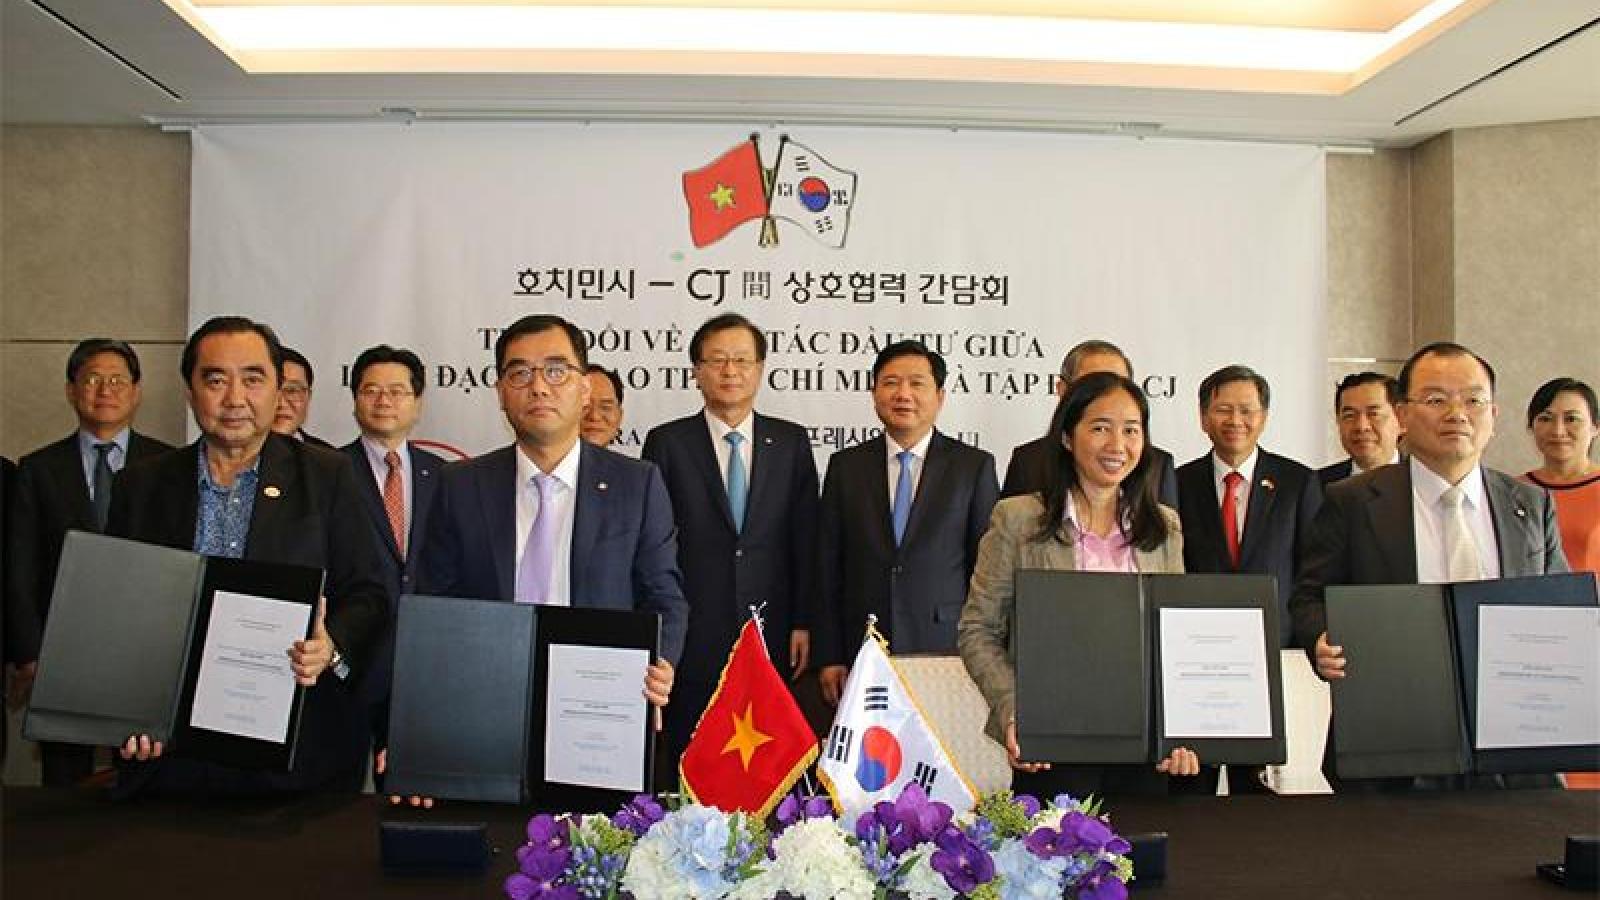 Korean CJ group teams up with Vietnam on food industry venture